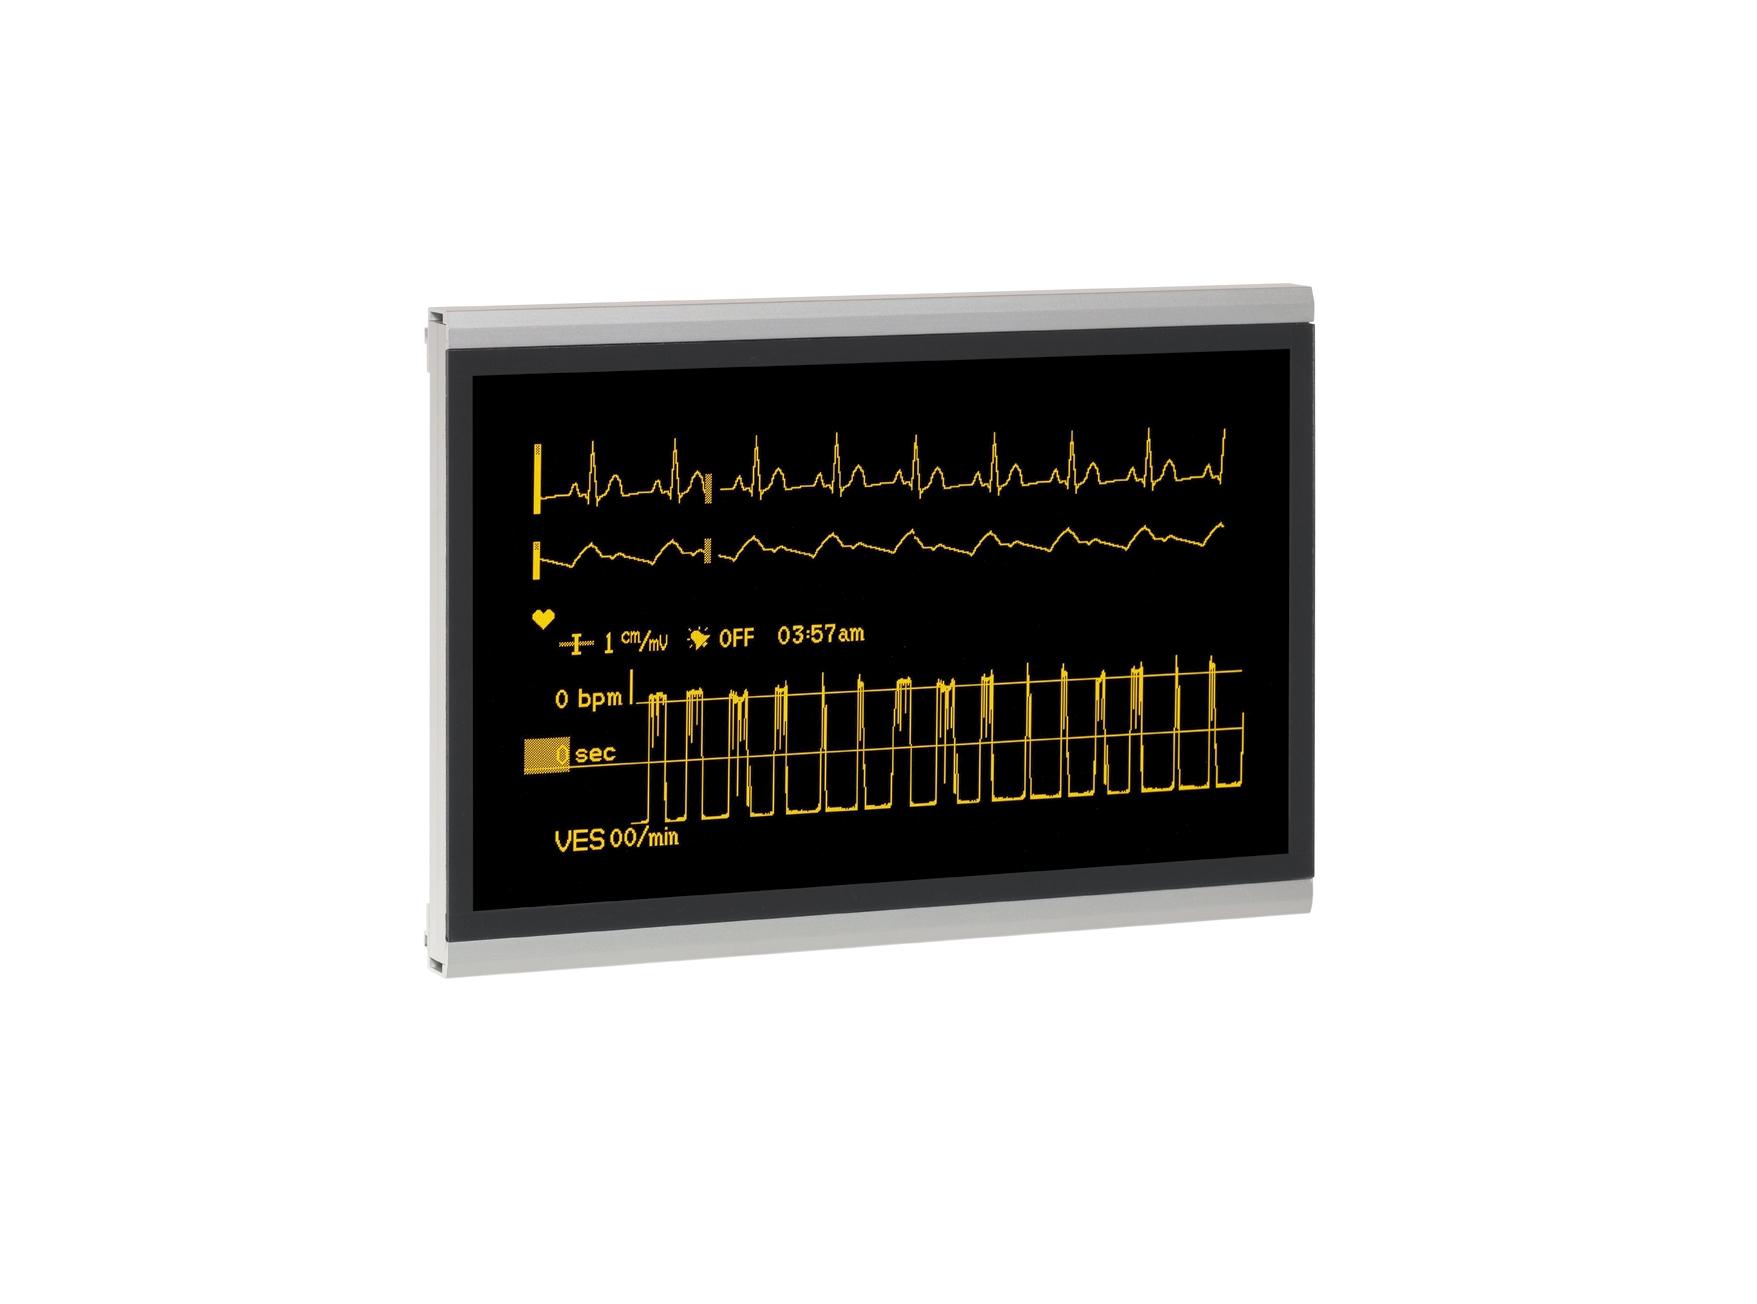 Lumineq EL640.400-C series EL Display formly Planar